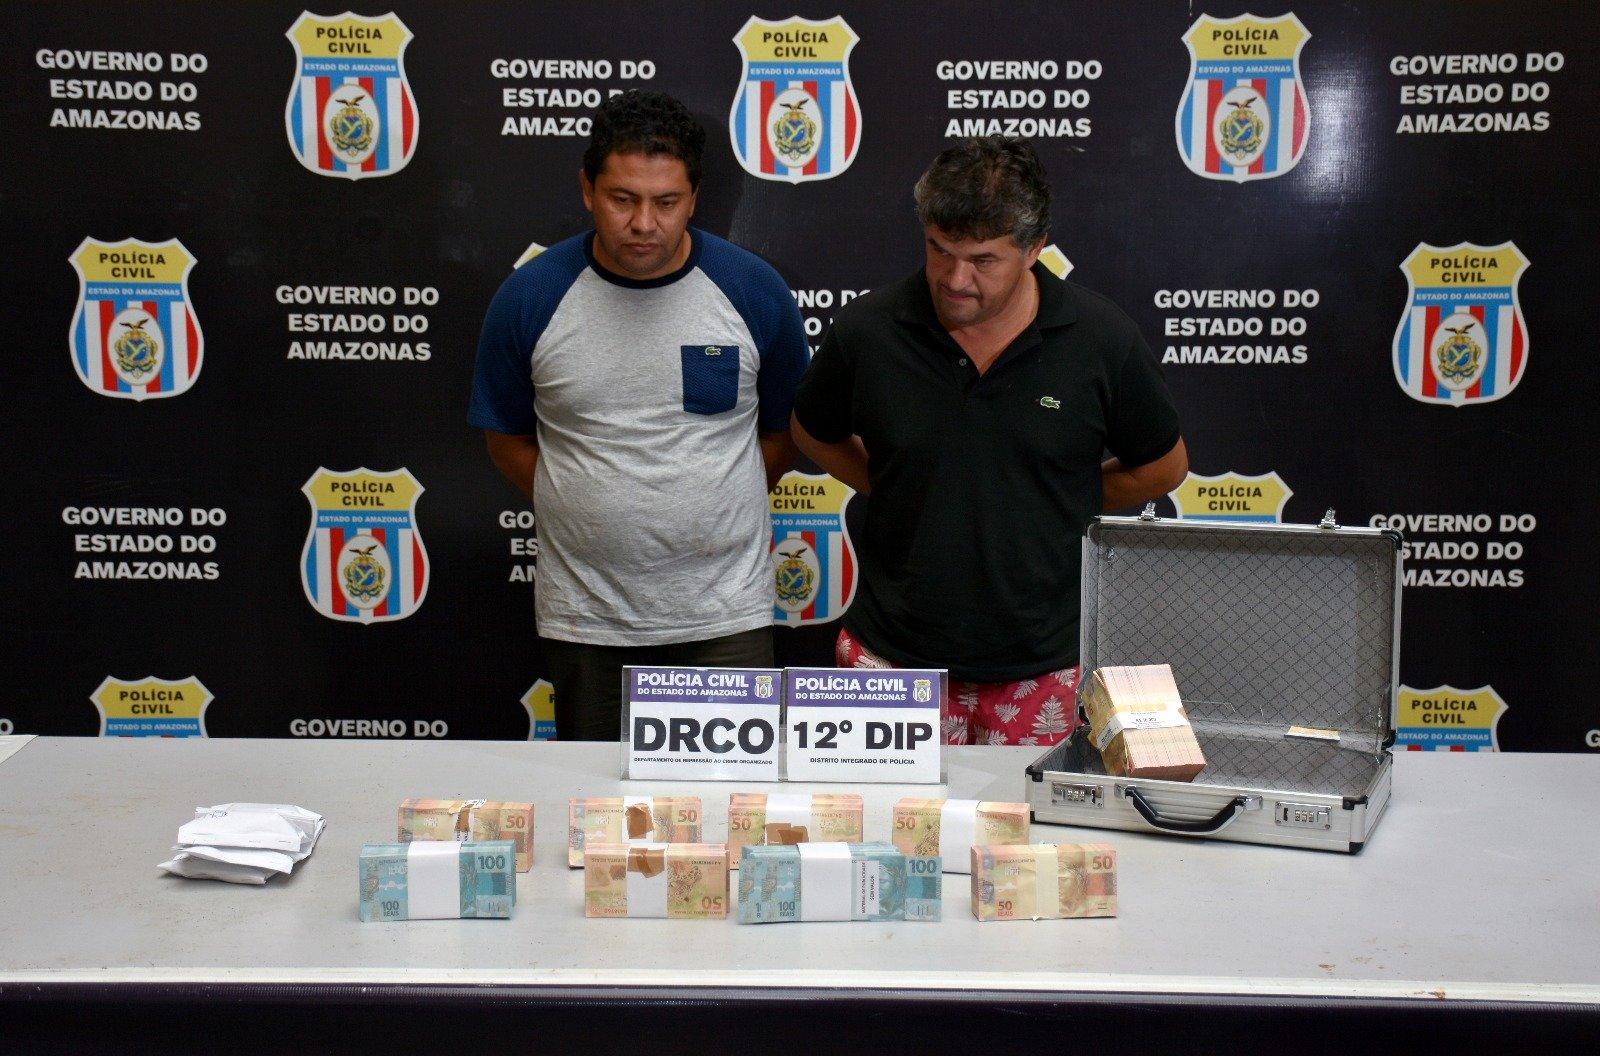 Presa dupla que entregou R$ 300 mil em notas falsas a assessor da Prefeitura de Eirunepé